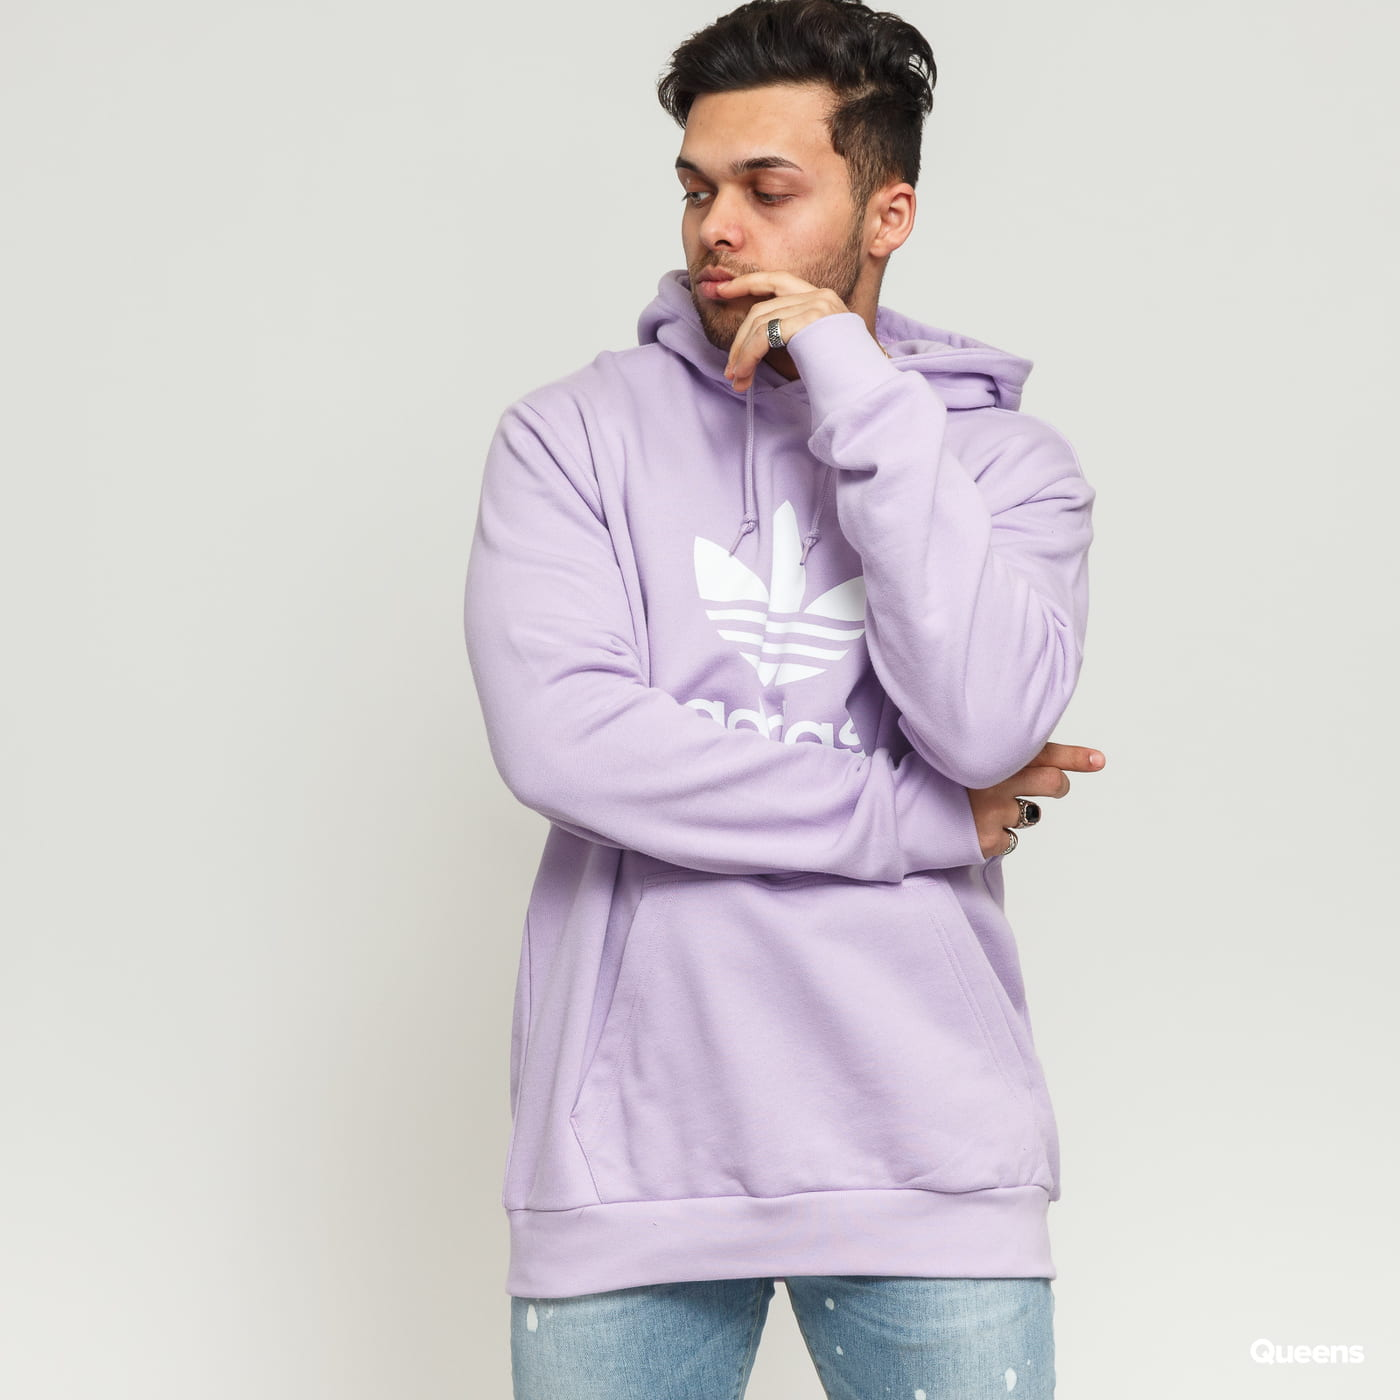 Alacena China tetraedro  light purple adidas hoodie - Hunkie